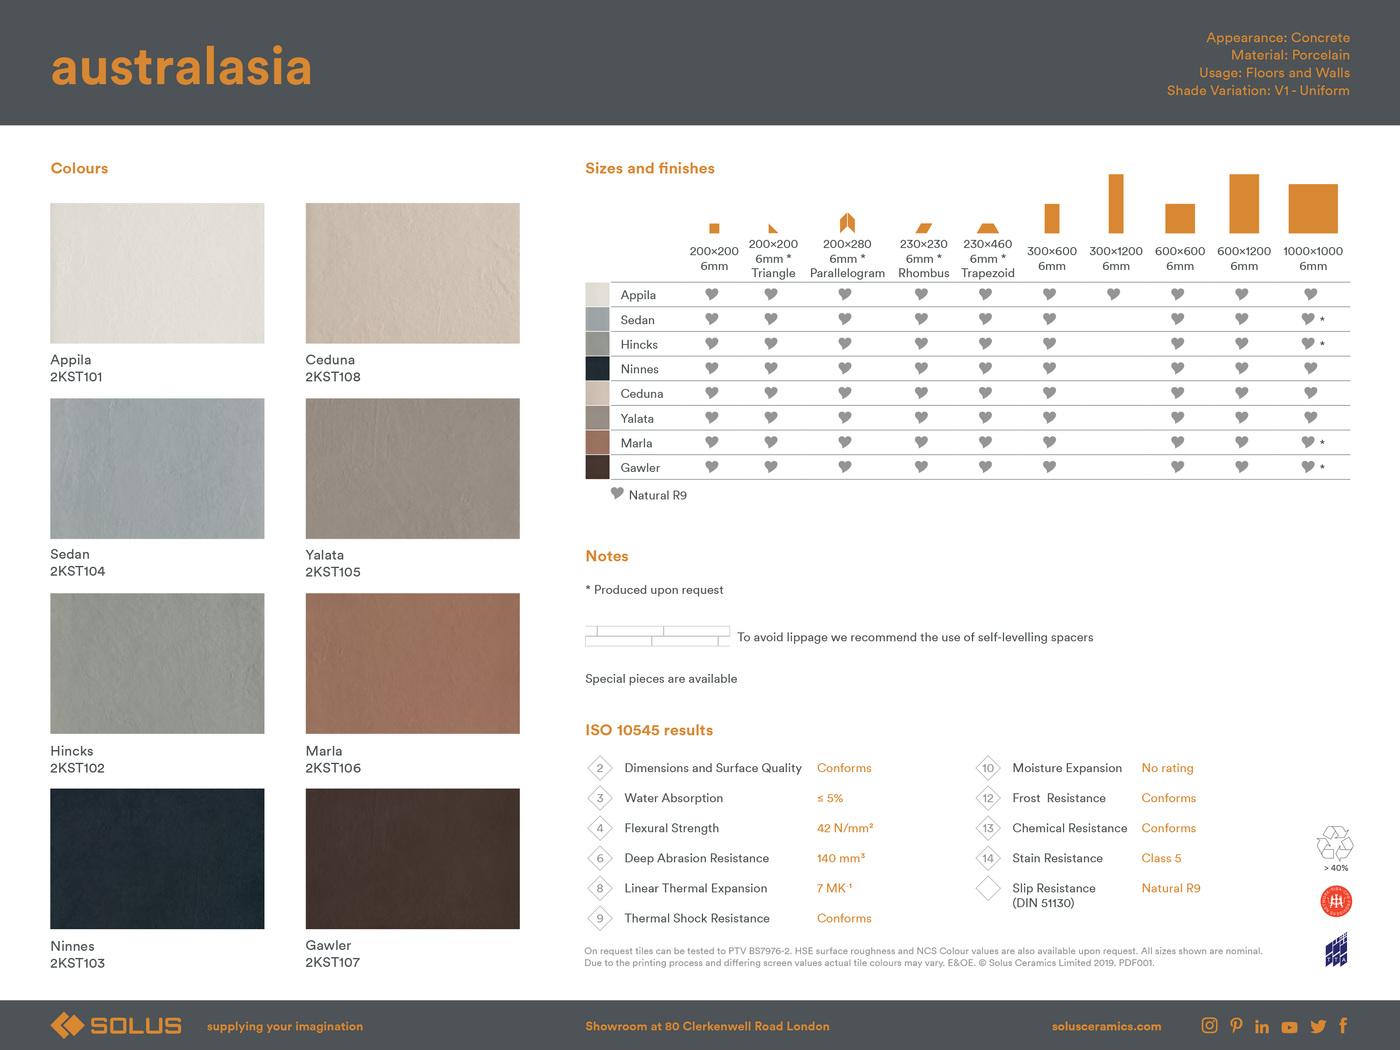 Lara-Jane van Antwerpen - Digital Brochure - Australasia 3